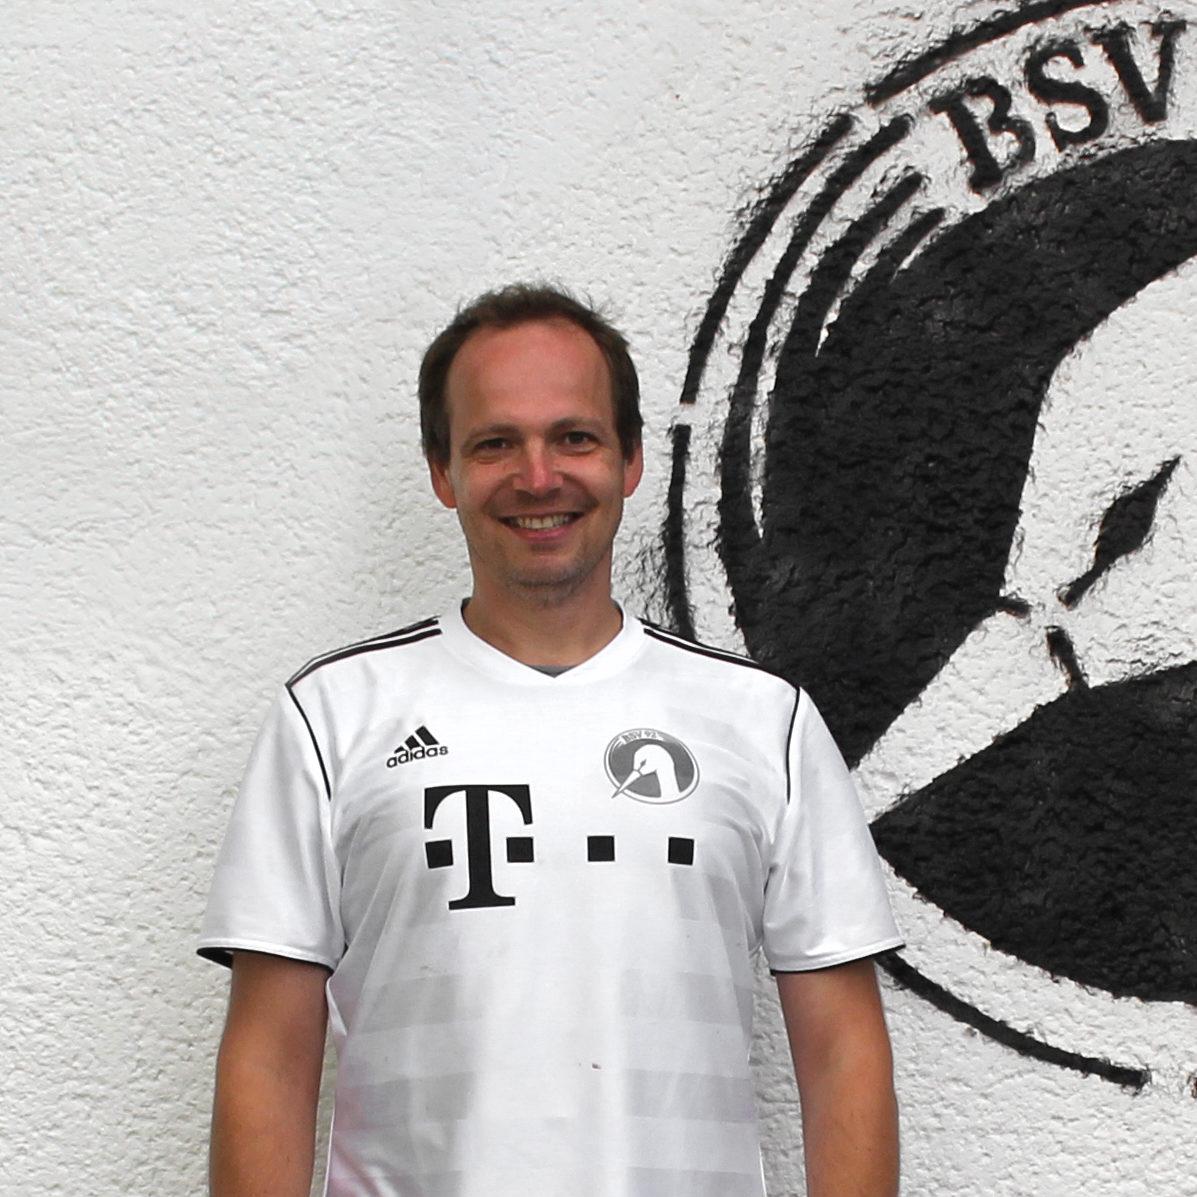 http://www.bsv92-hockey.de/wp-content/uploads/2018/11/Jörg-Schneider-Breit-e1542152558299.jpg